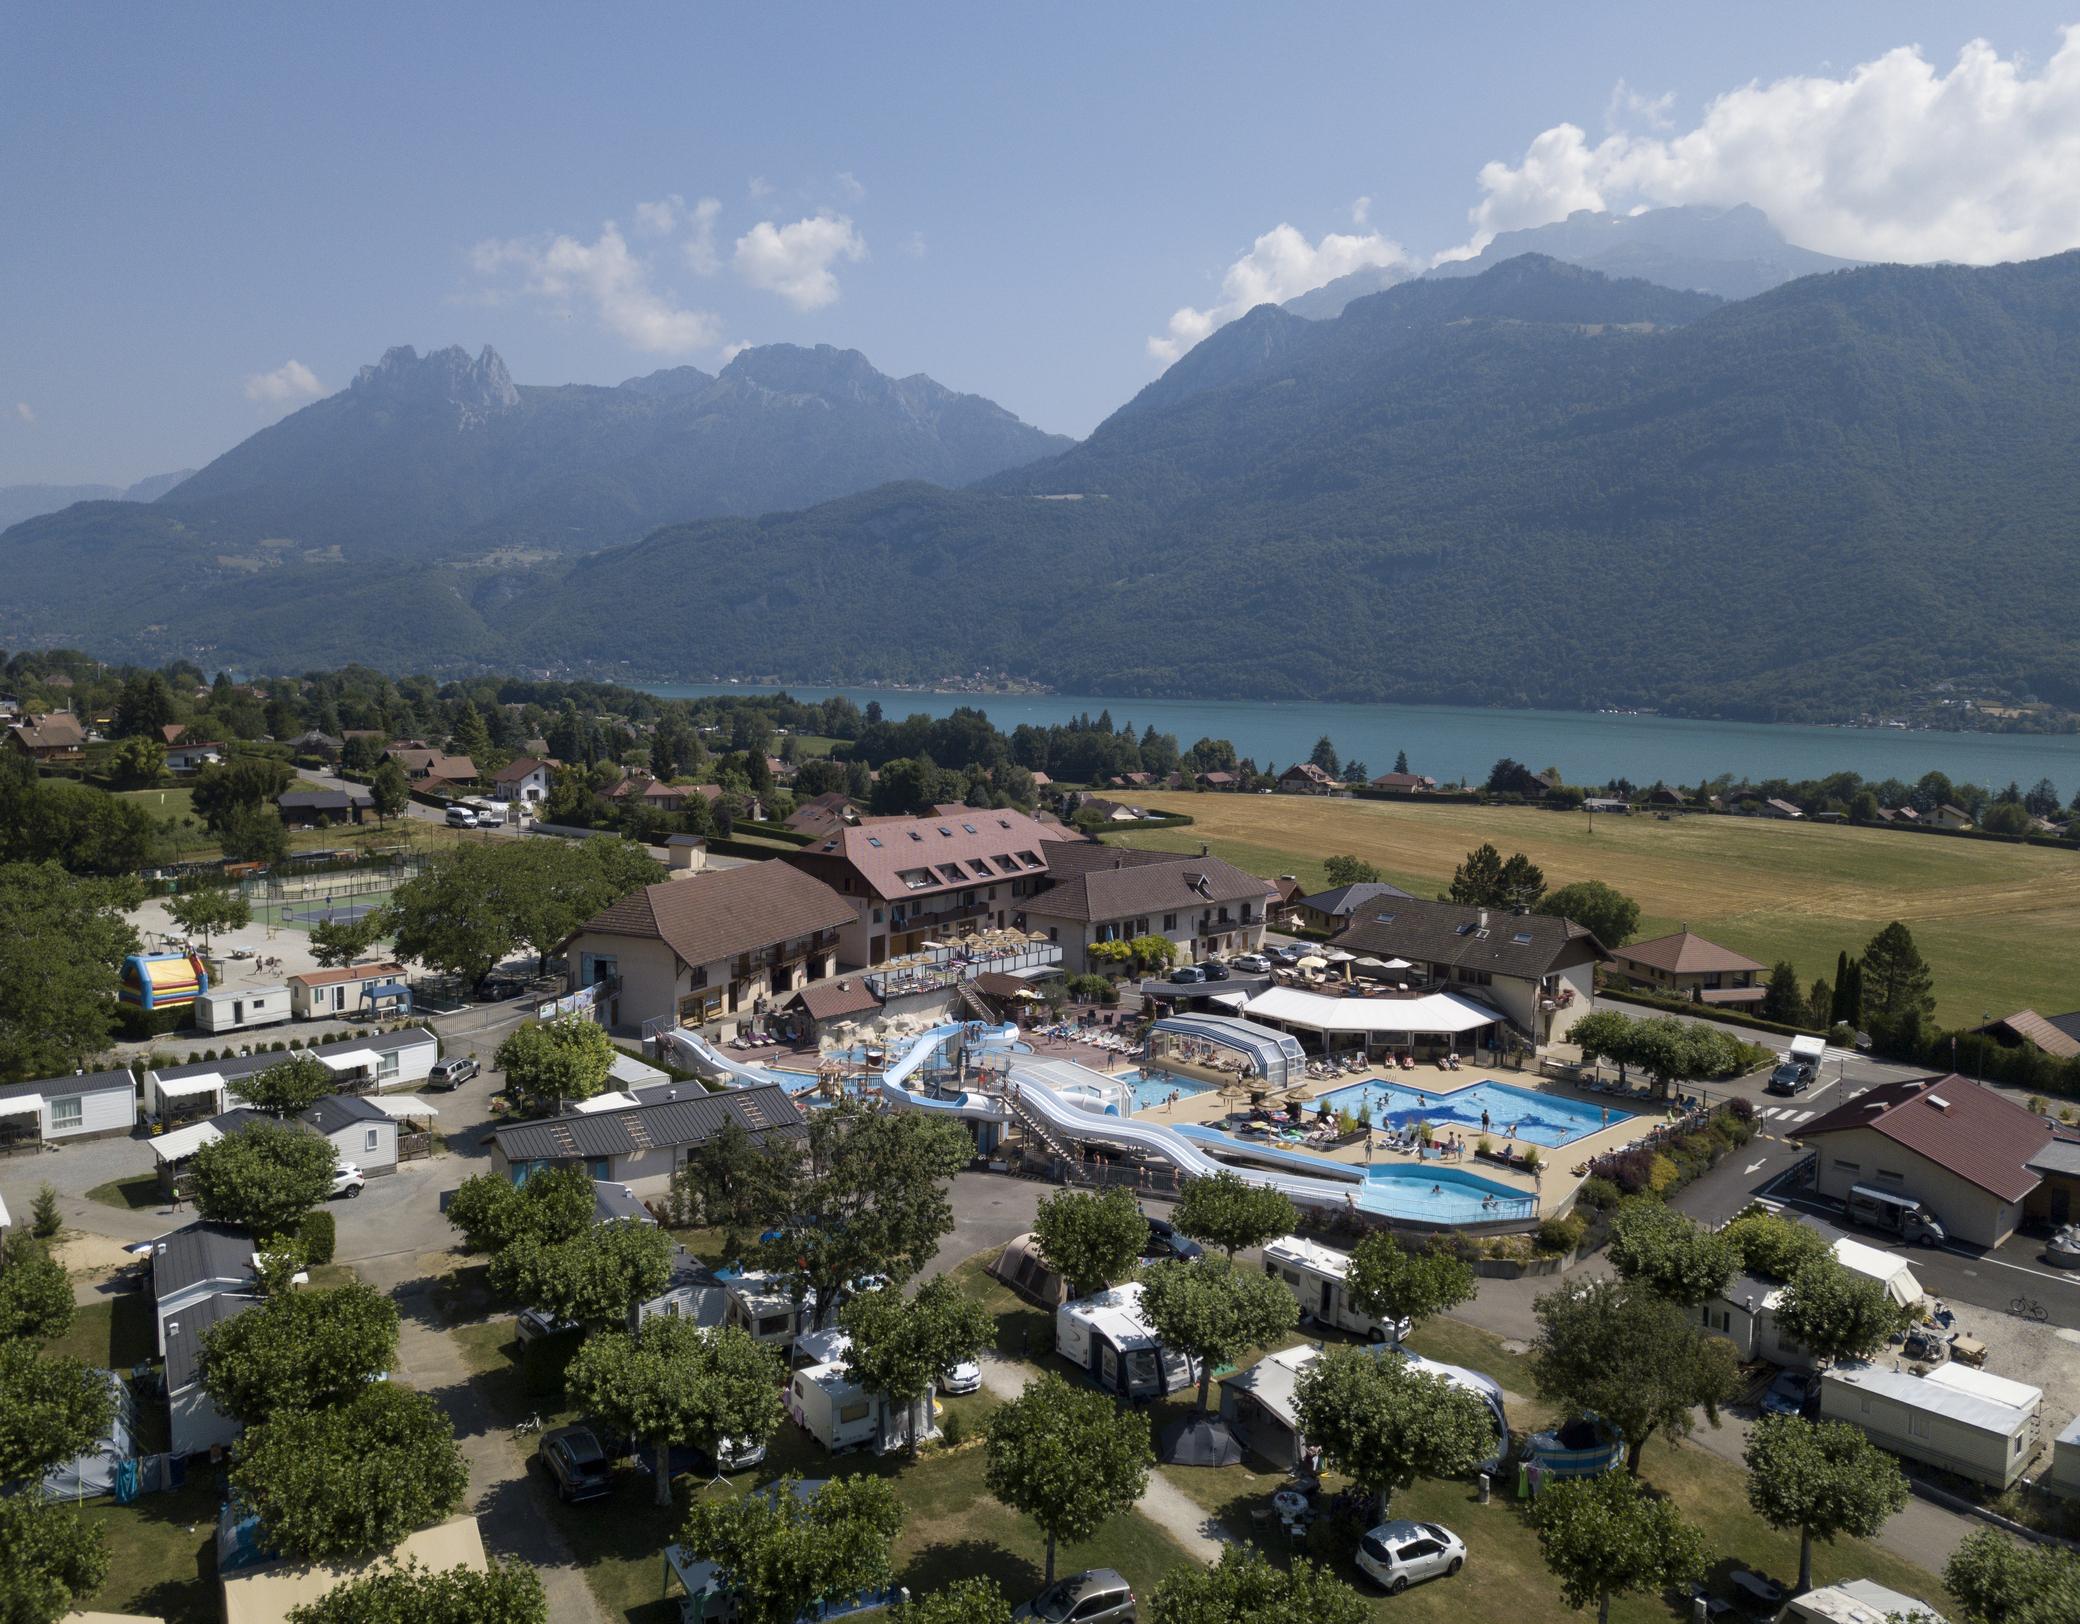 Camping L'idéal - Savoie Mont Blanc (Savoie Et Haute Savoie ... encequiconcerne Camping Annecy Avec Piscine